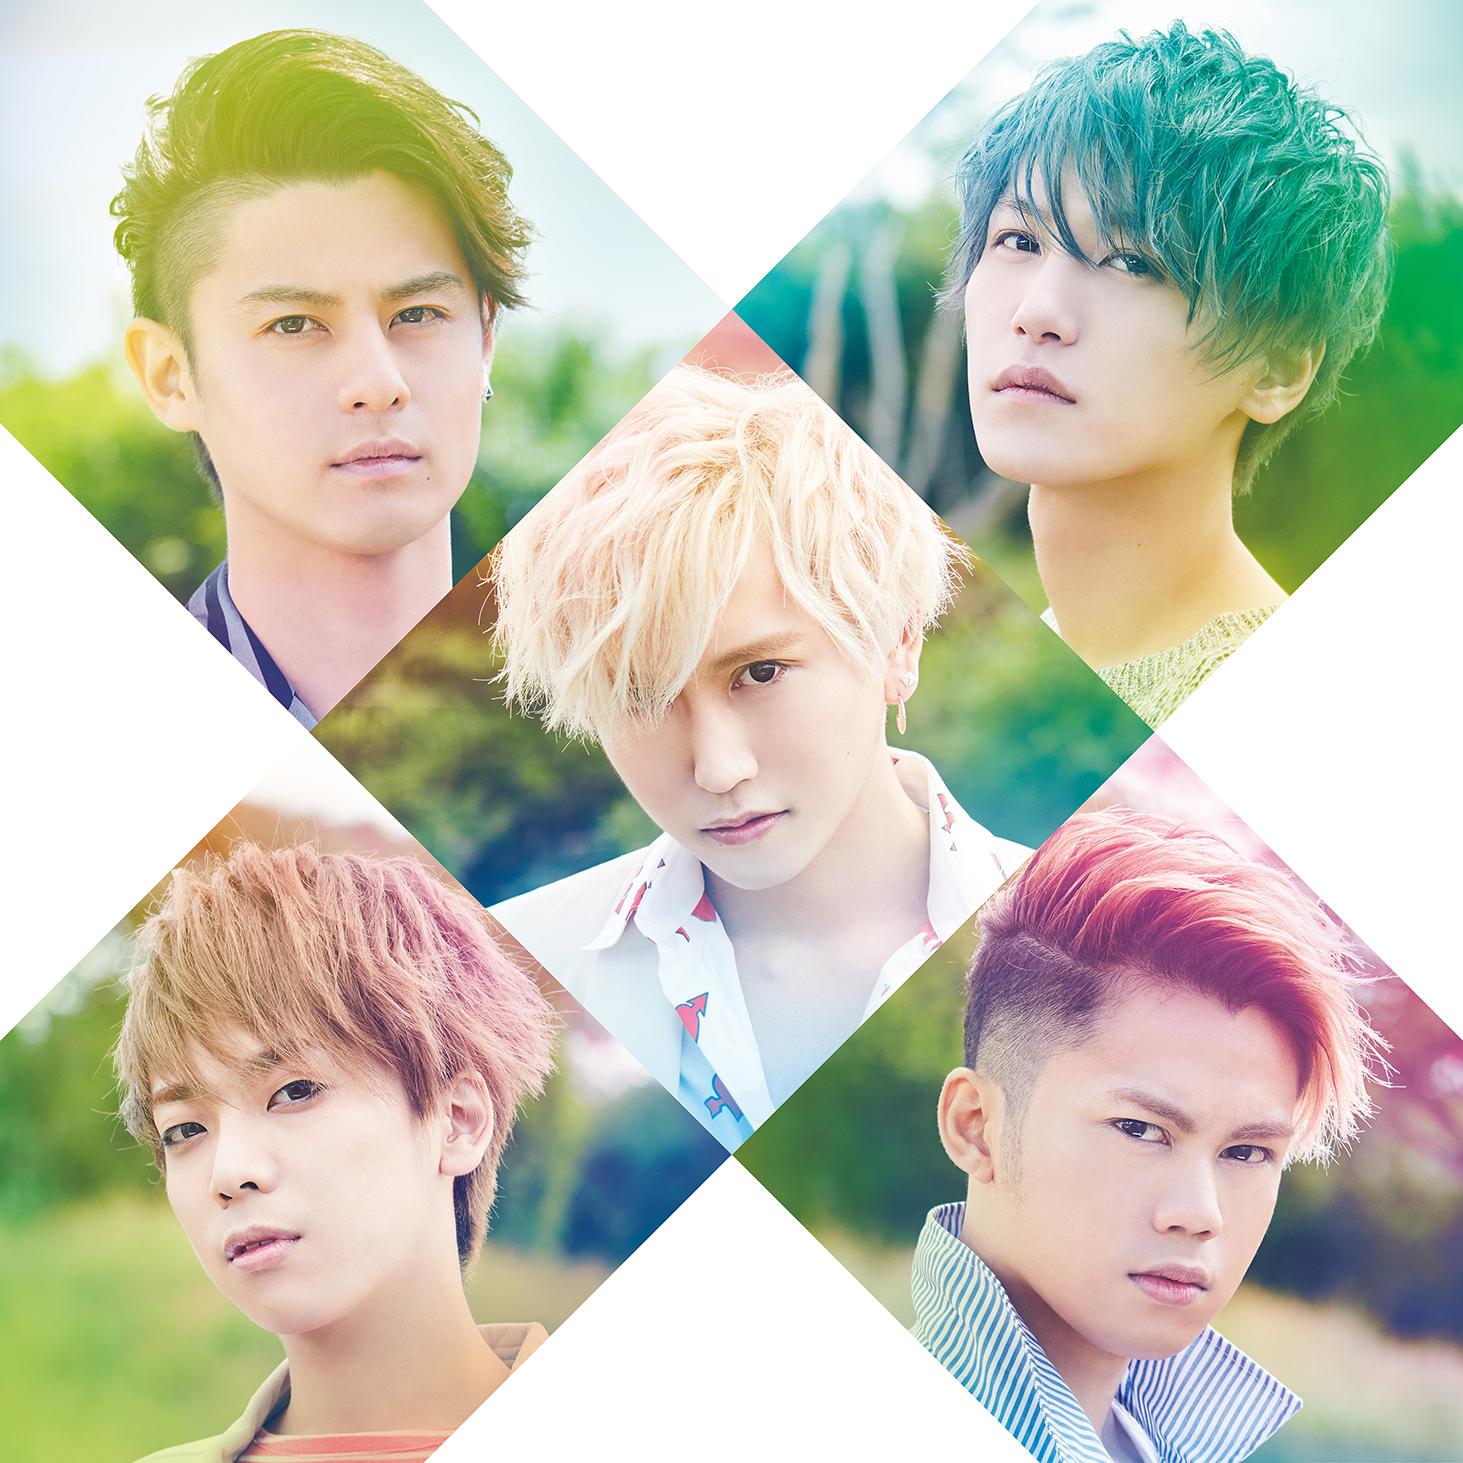 写真上段 L→R:ISSY、YUTA / 写真中央:JIN / 写真下段 L→R:YUUKI 、SAM